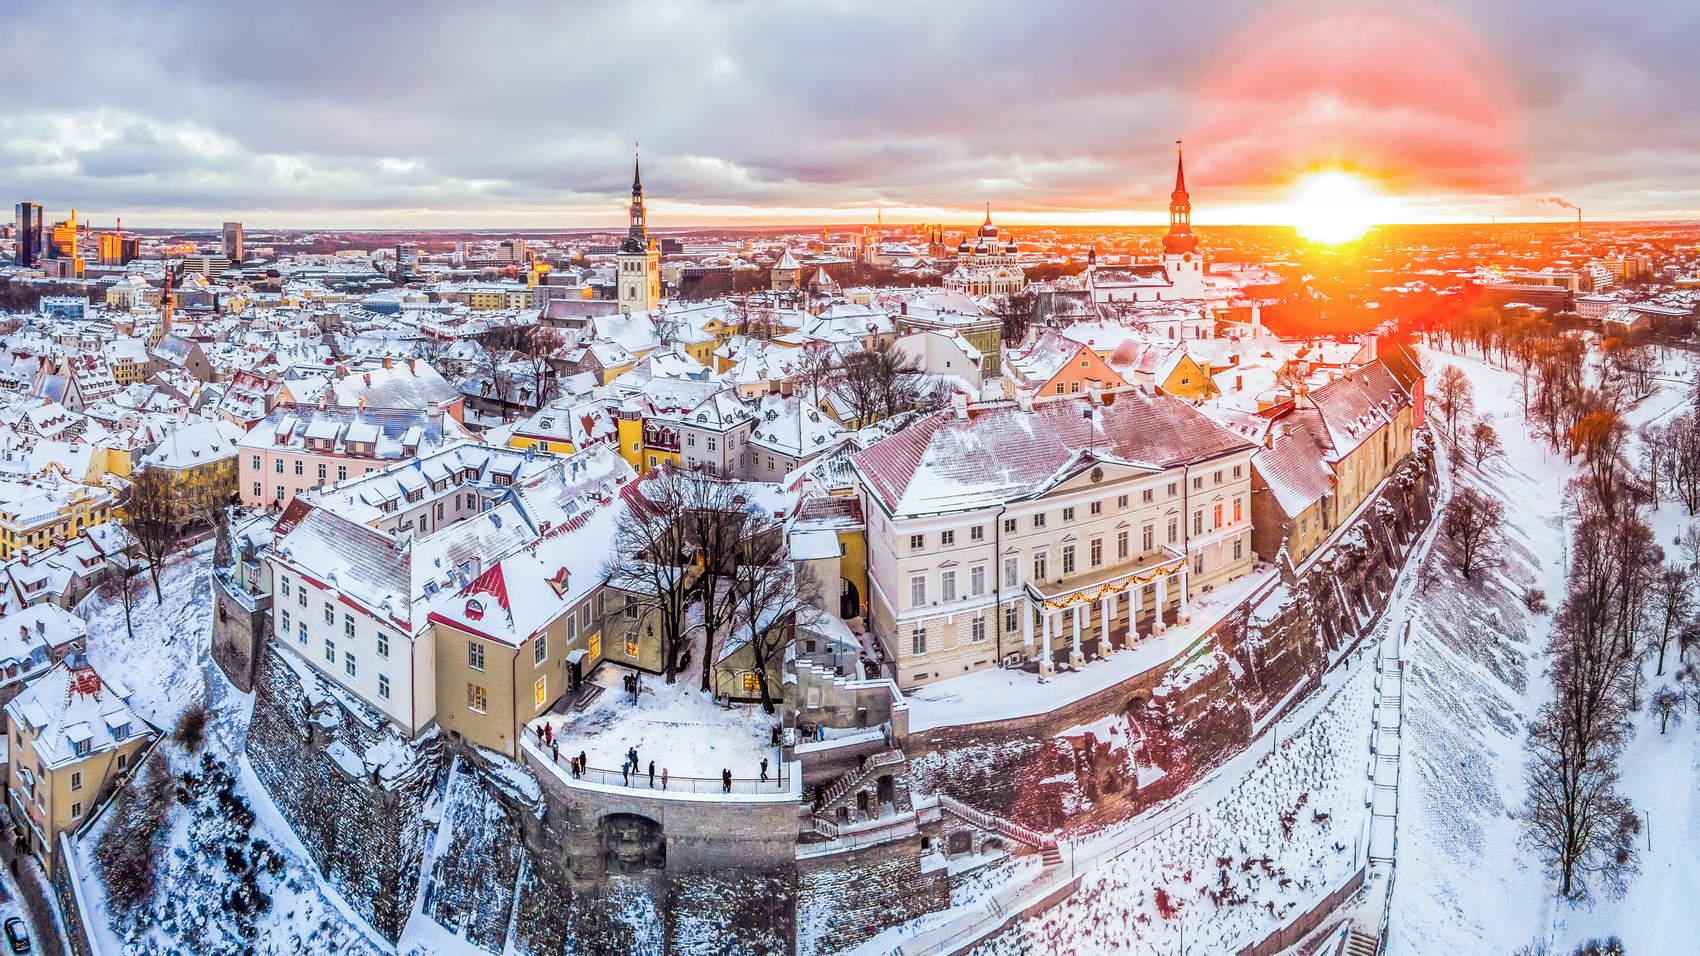 Wintery Tallinn Old Town